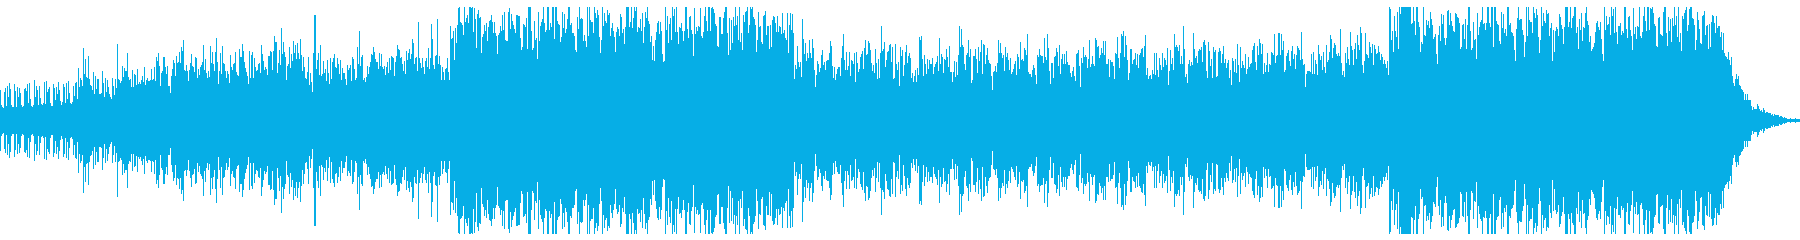 儀式でトランスしてるようなBGMの再生済みの波形